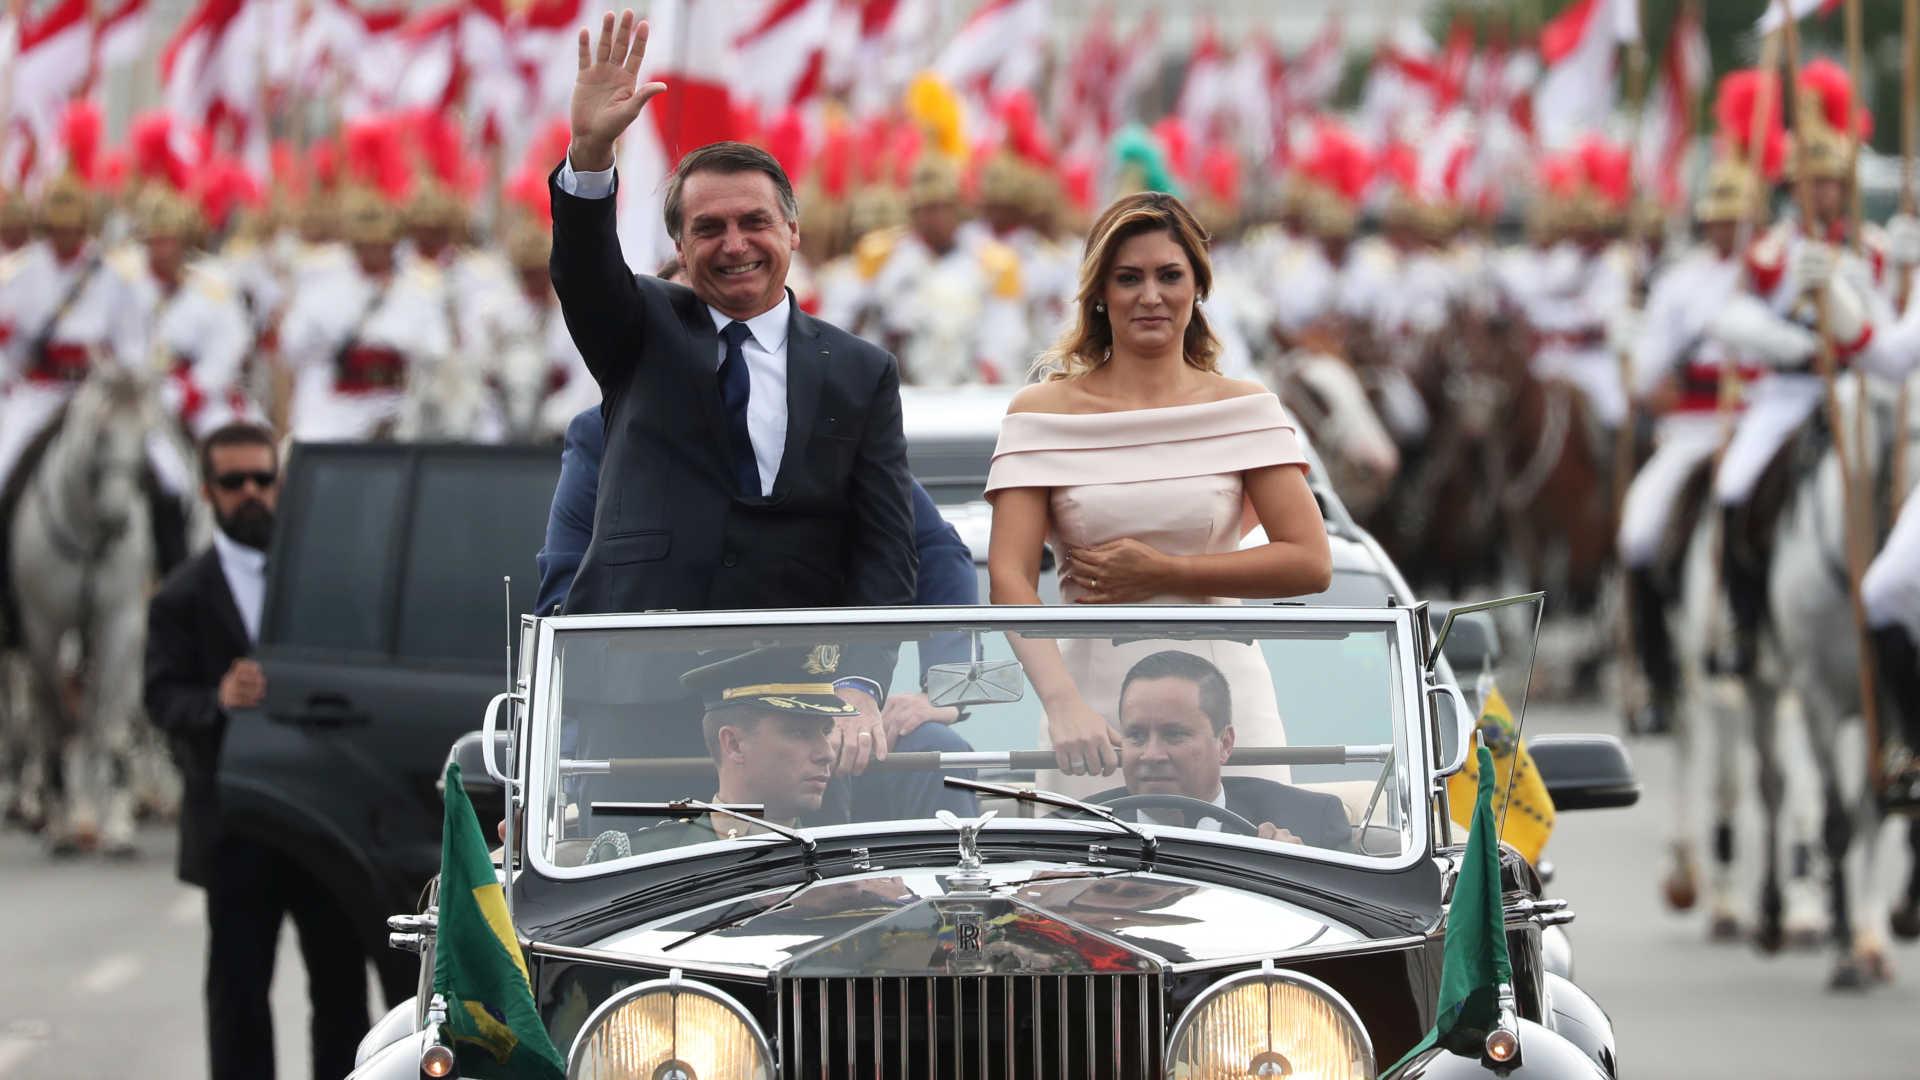 jair bolsonaro já tomou posse. É o 38.º presidente do brasil - Jair Bolsonaro tomada de posse - Jair Bolsonaro já tomou posse. É o 38.º Presidente do Brasil